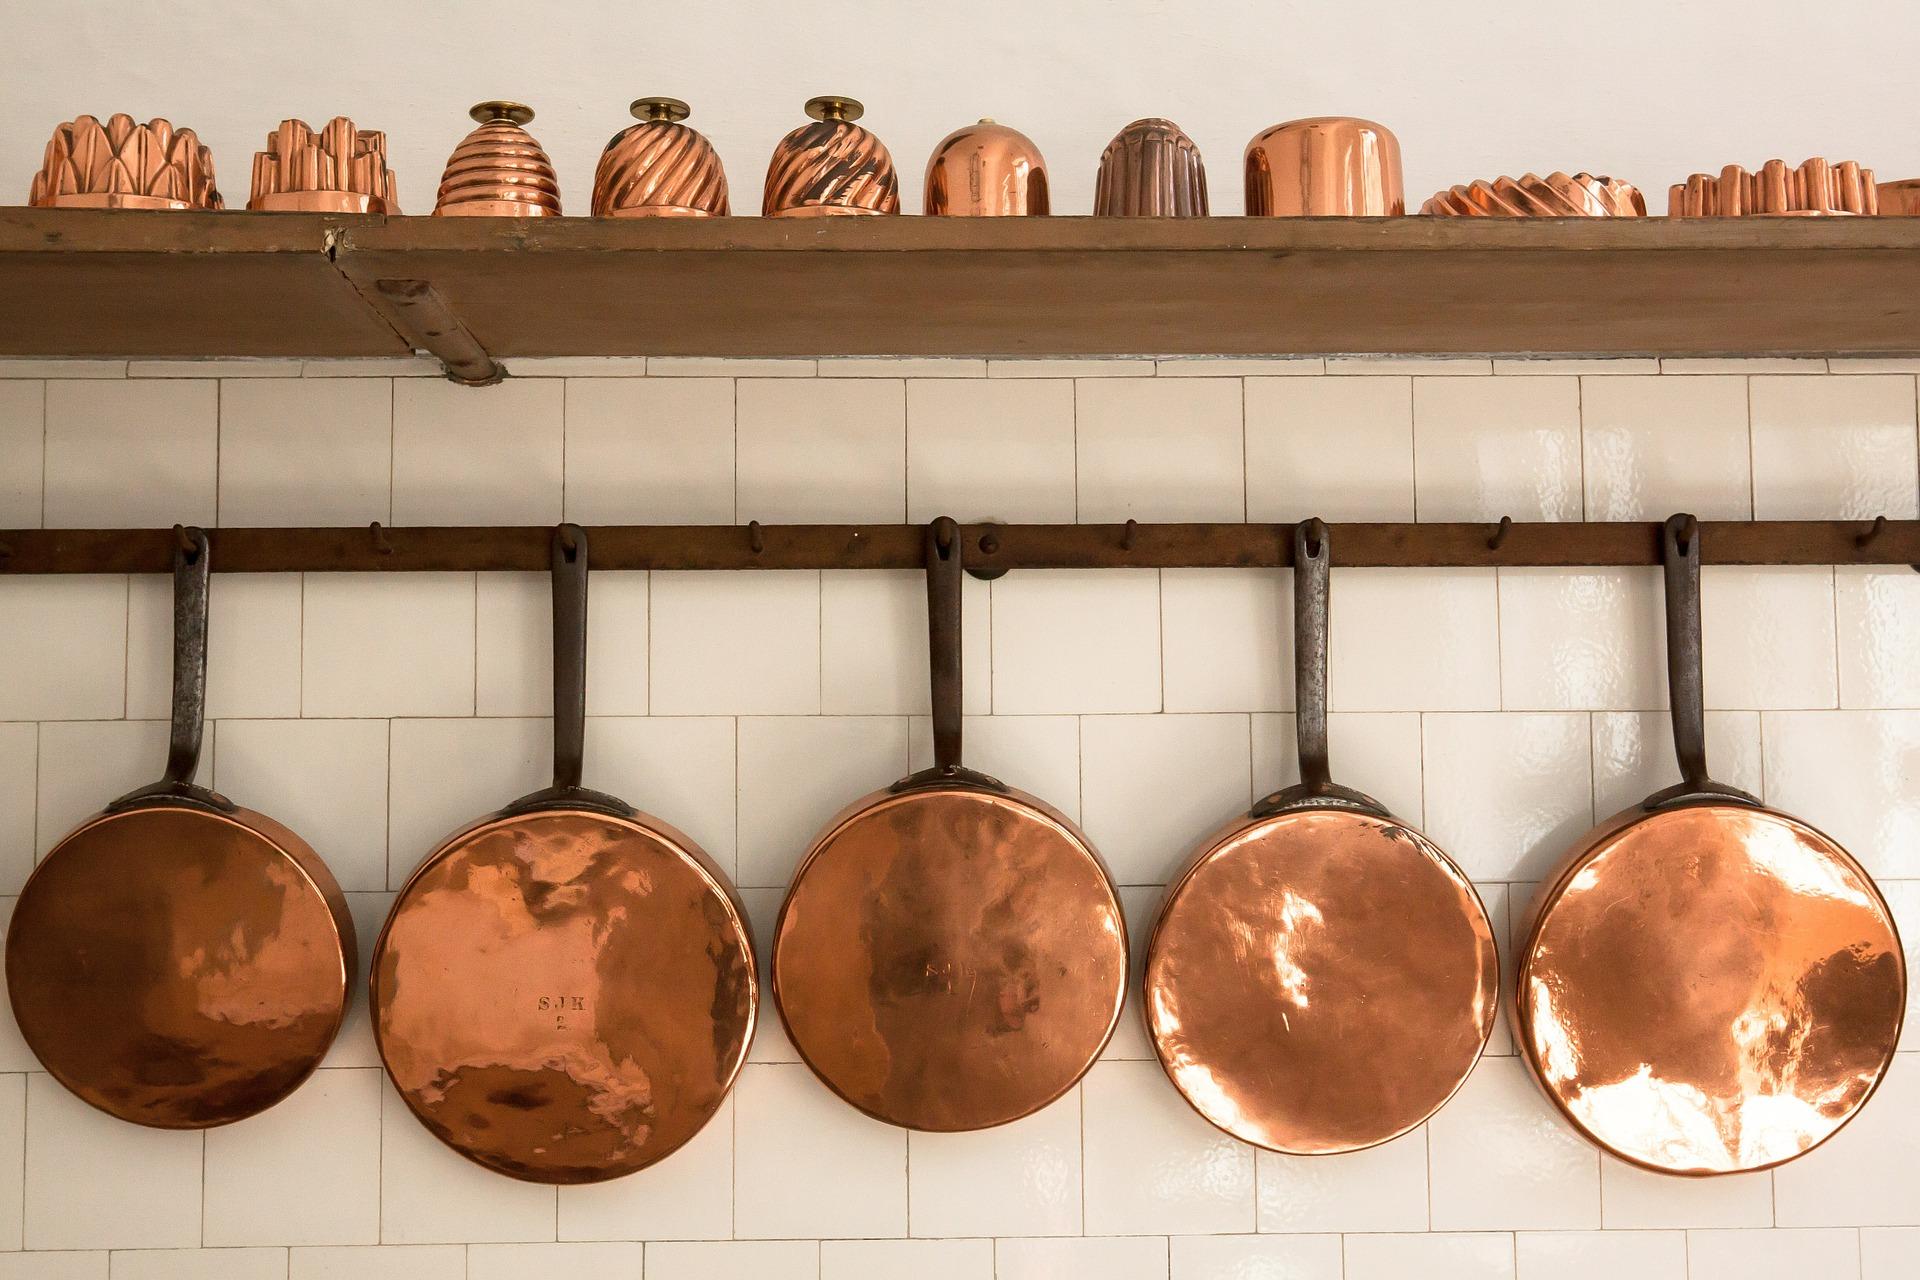 Astuces pour rénover d'anciens ustensiles en cuivre